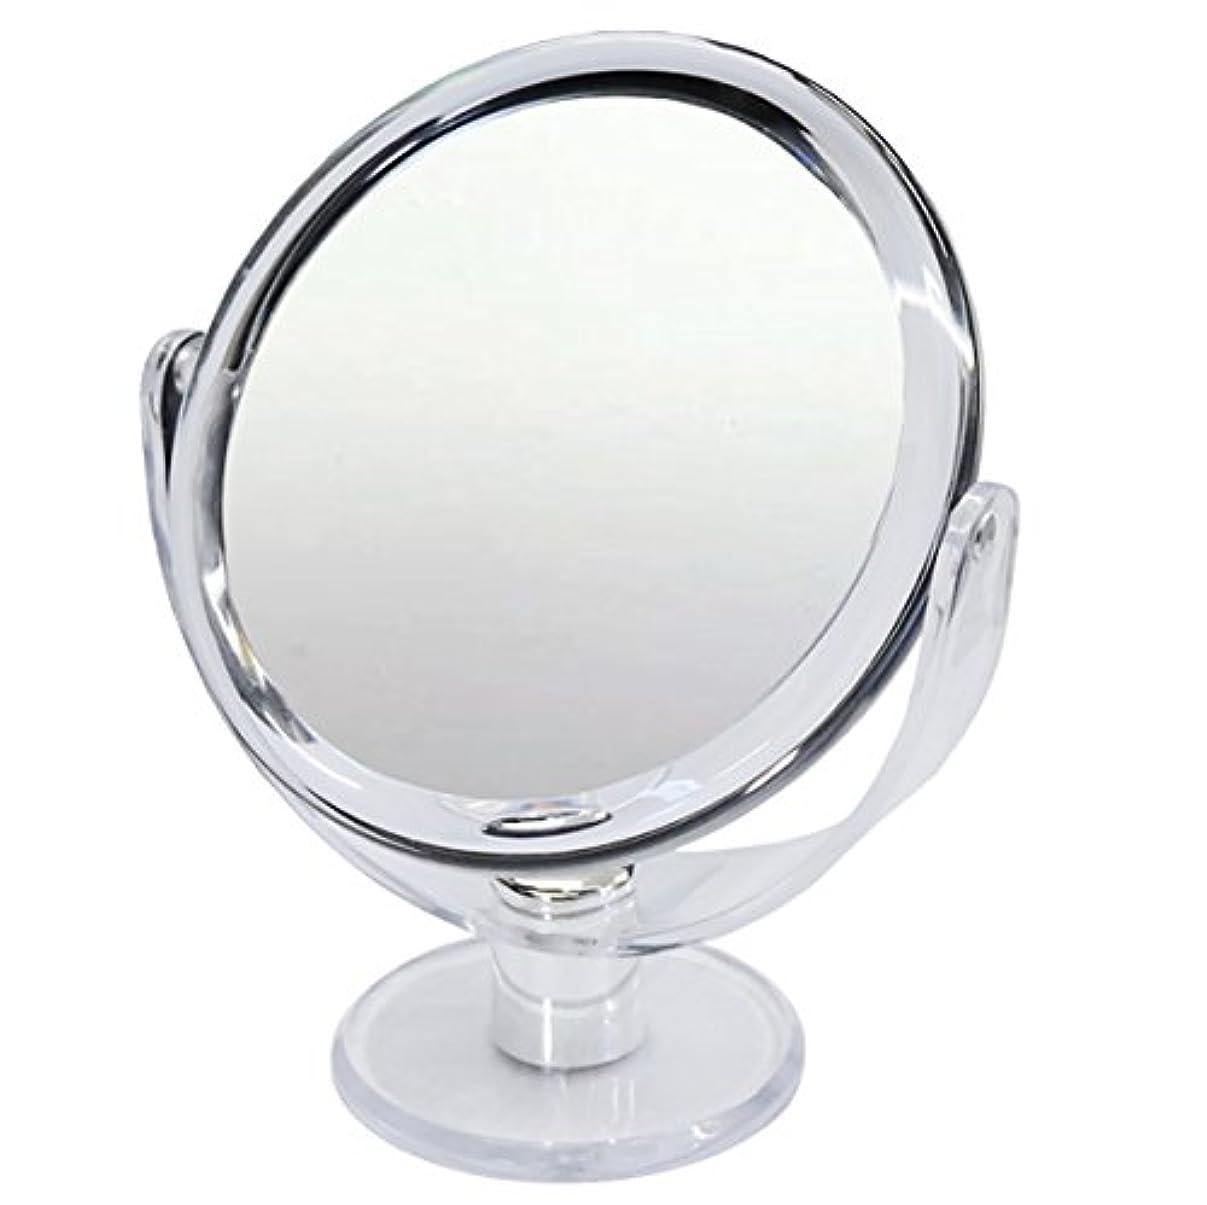 絶対に失キャプチャー10倍 拡大鏡 スタンドミラー 等倍鏡と10倍鏡の両面鏡